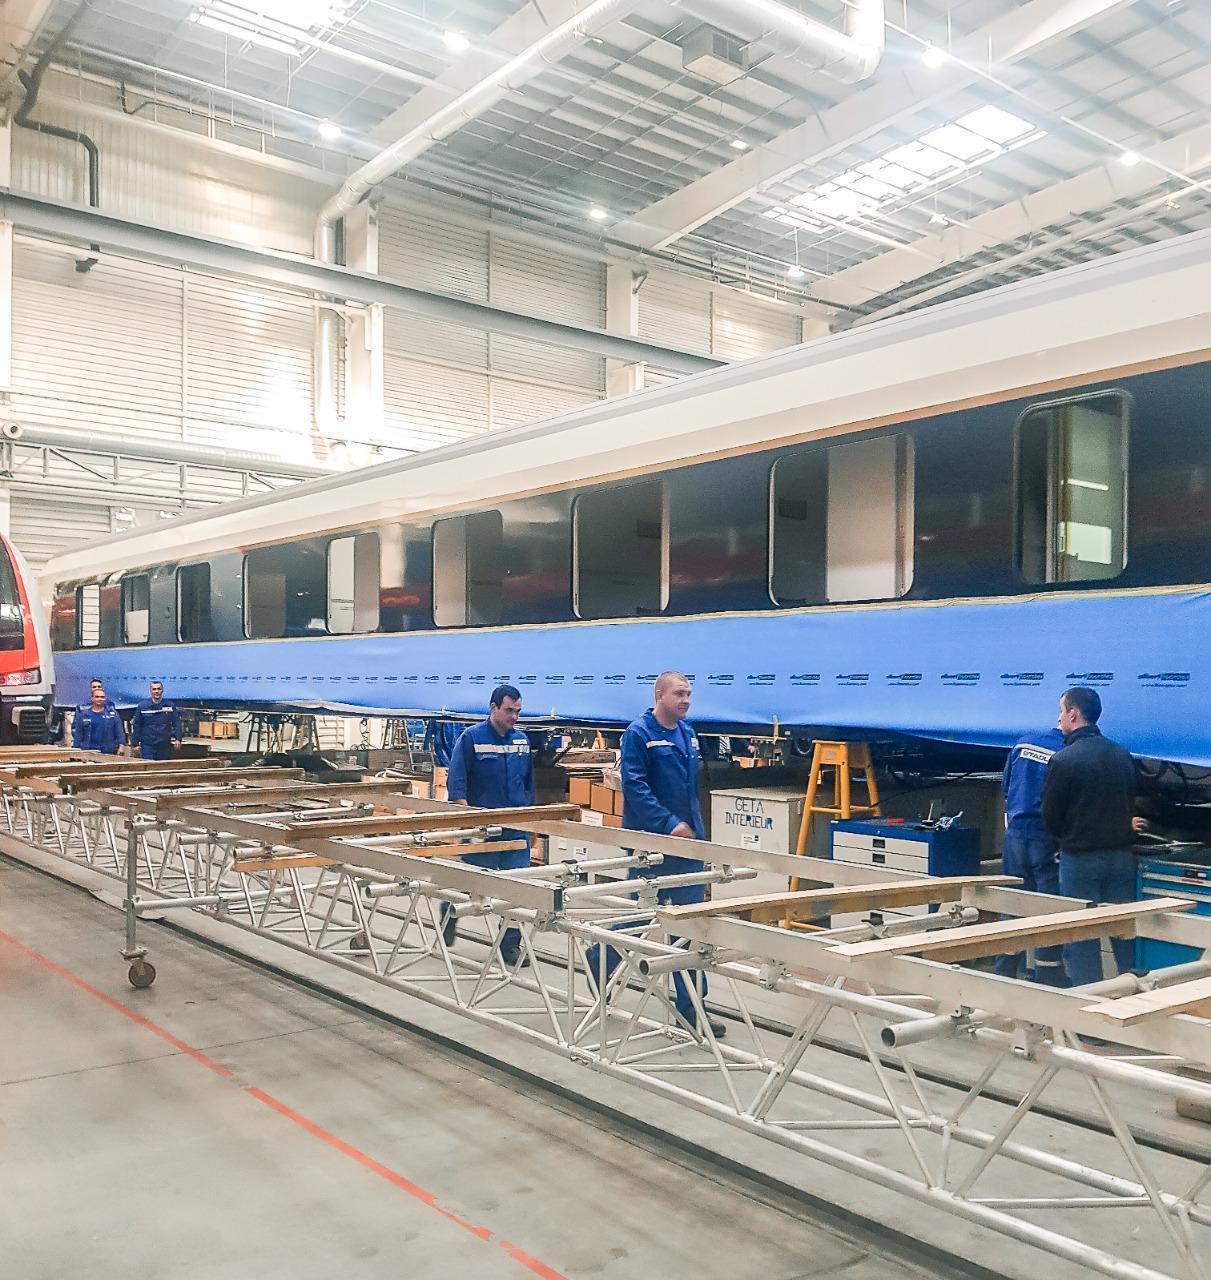 Произведен осмотр двухъярусных электрических поездов и вагонов спального типа, собранных по заказу Азербайджана в Минске (ФОТО)